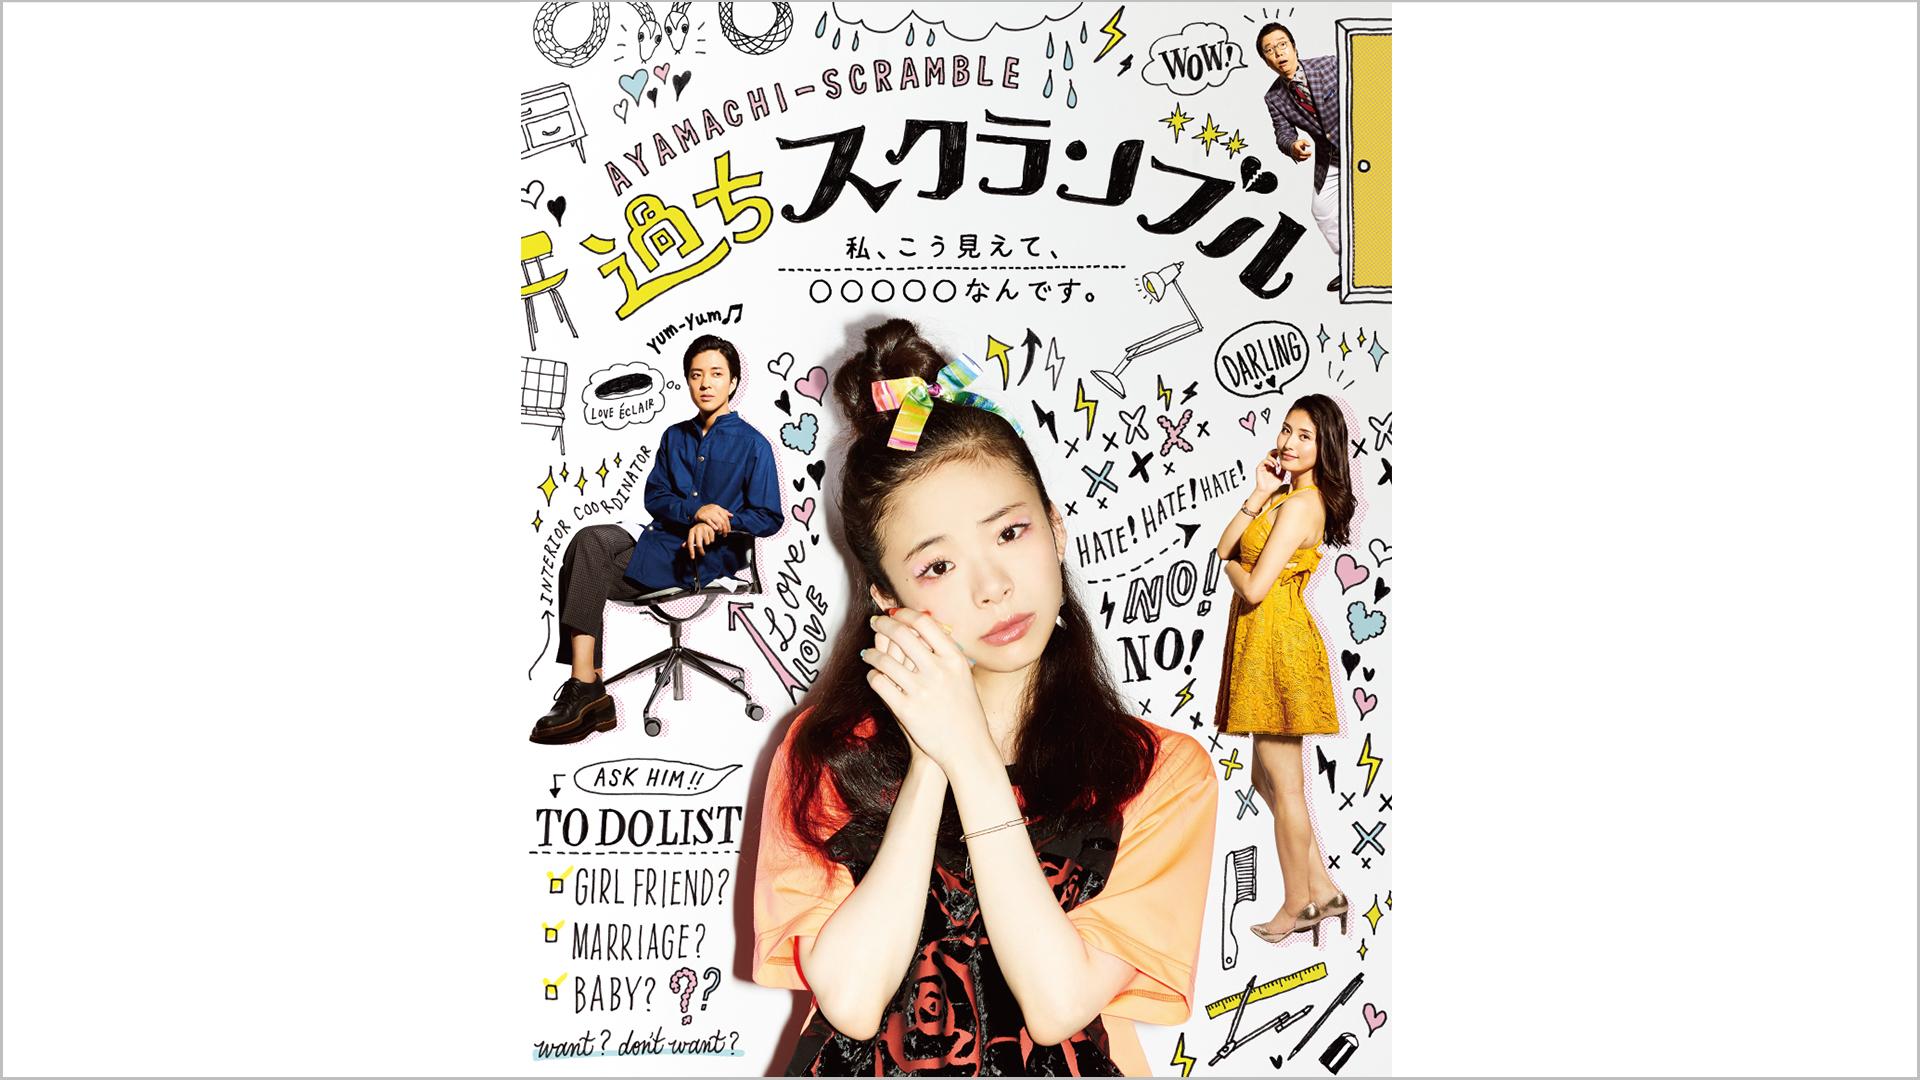 オリジナルドラマ「過ちスクランブル」#1   緊急発進するオトナのラブコメ!!?